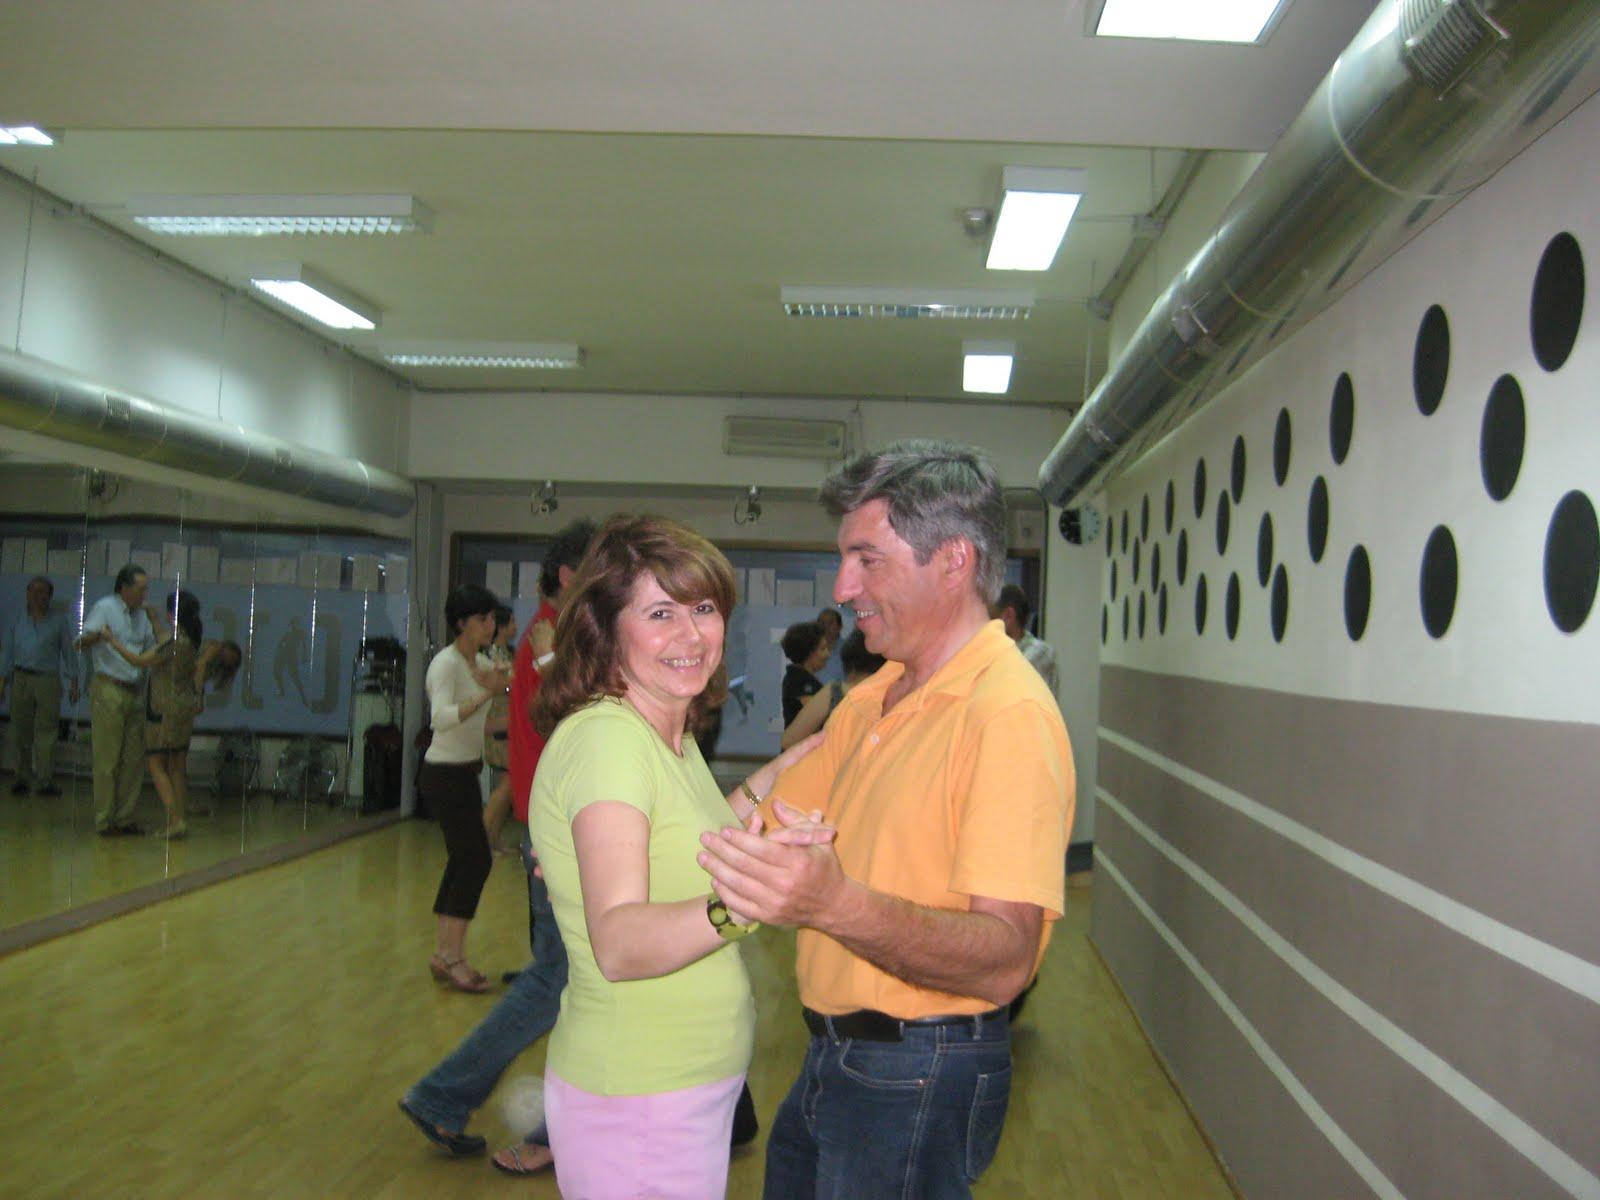 Bailas pilar olivares clases de bailes de sal n y tango for Academias de bailes de salon en madrid